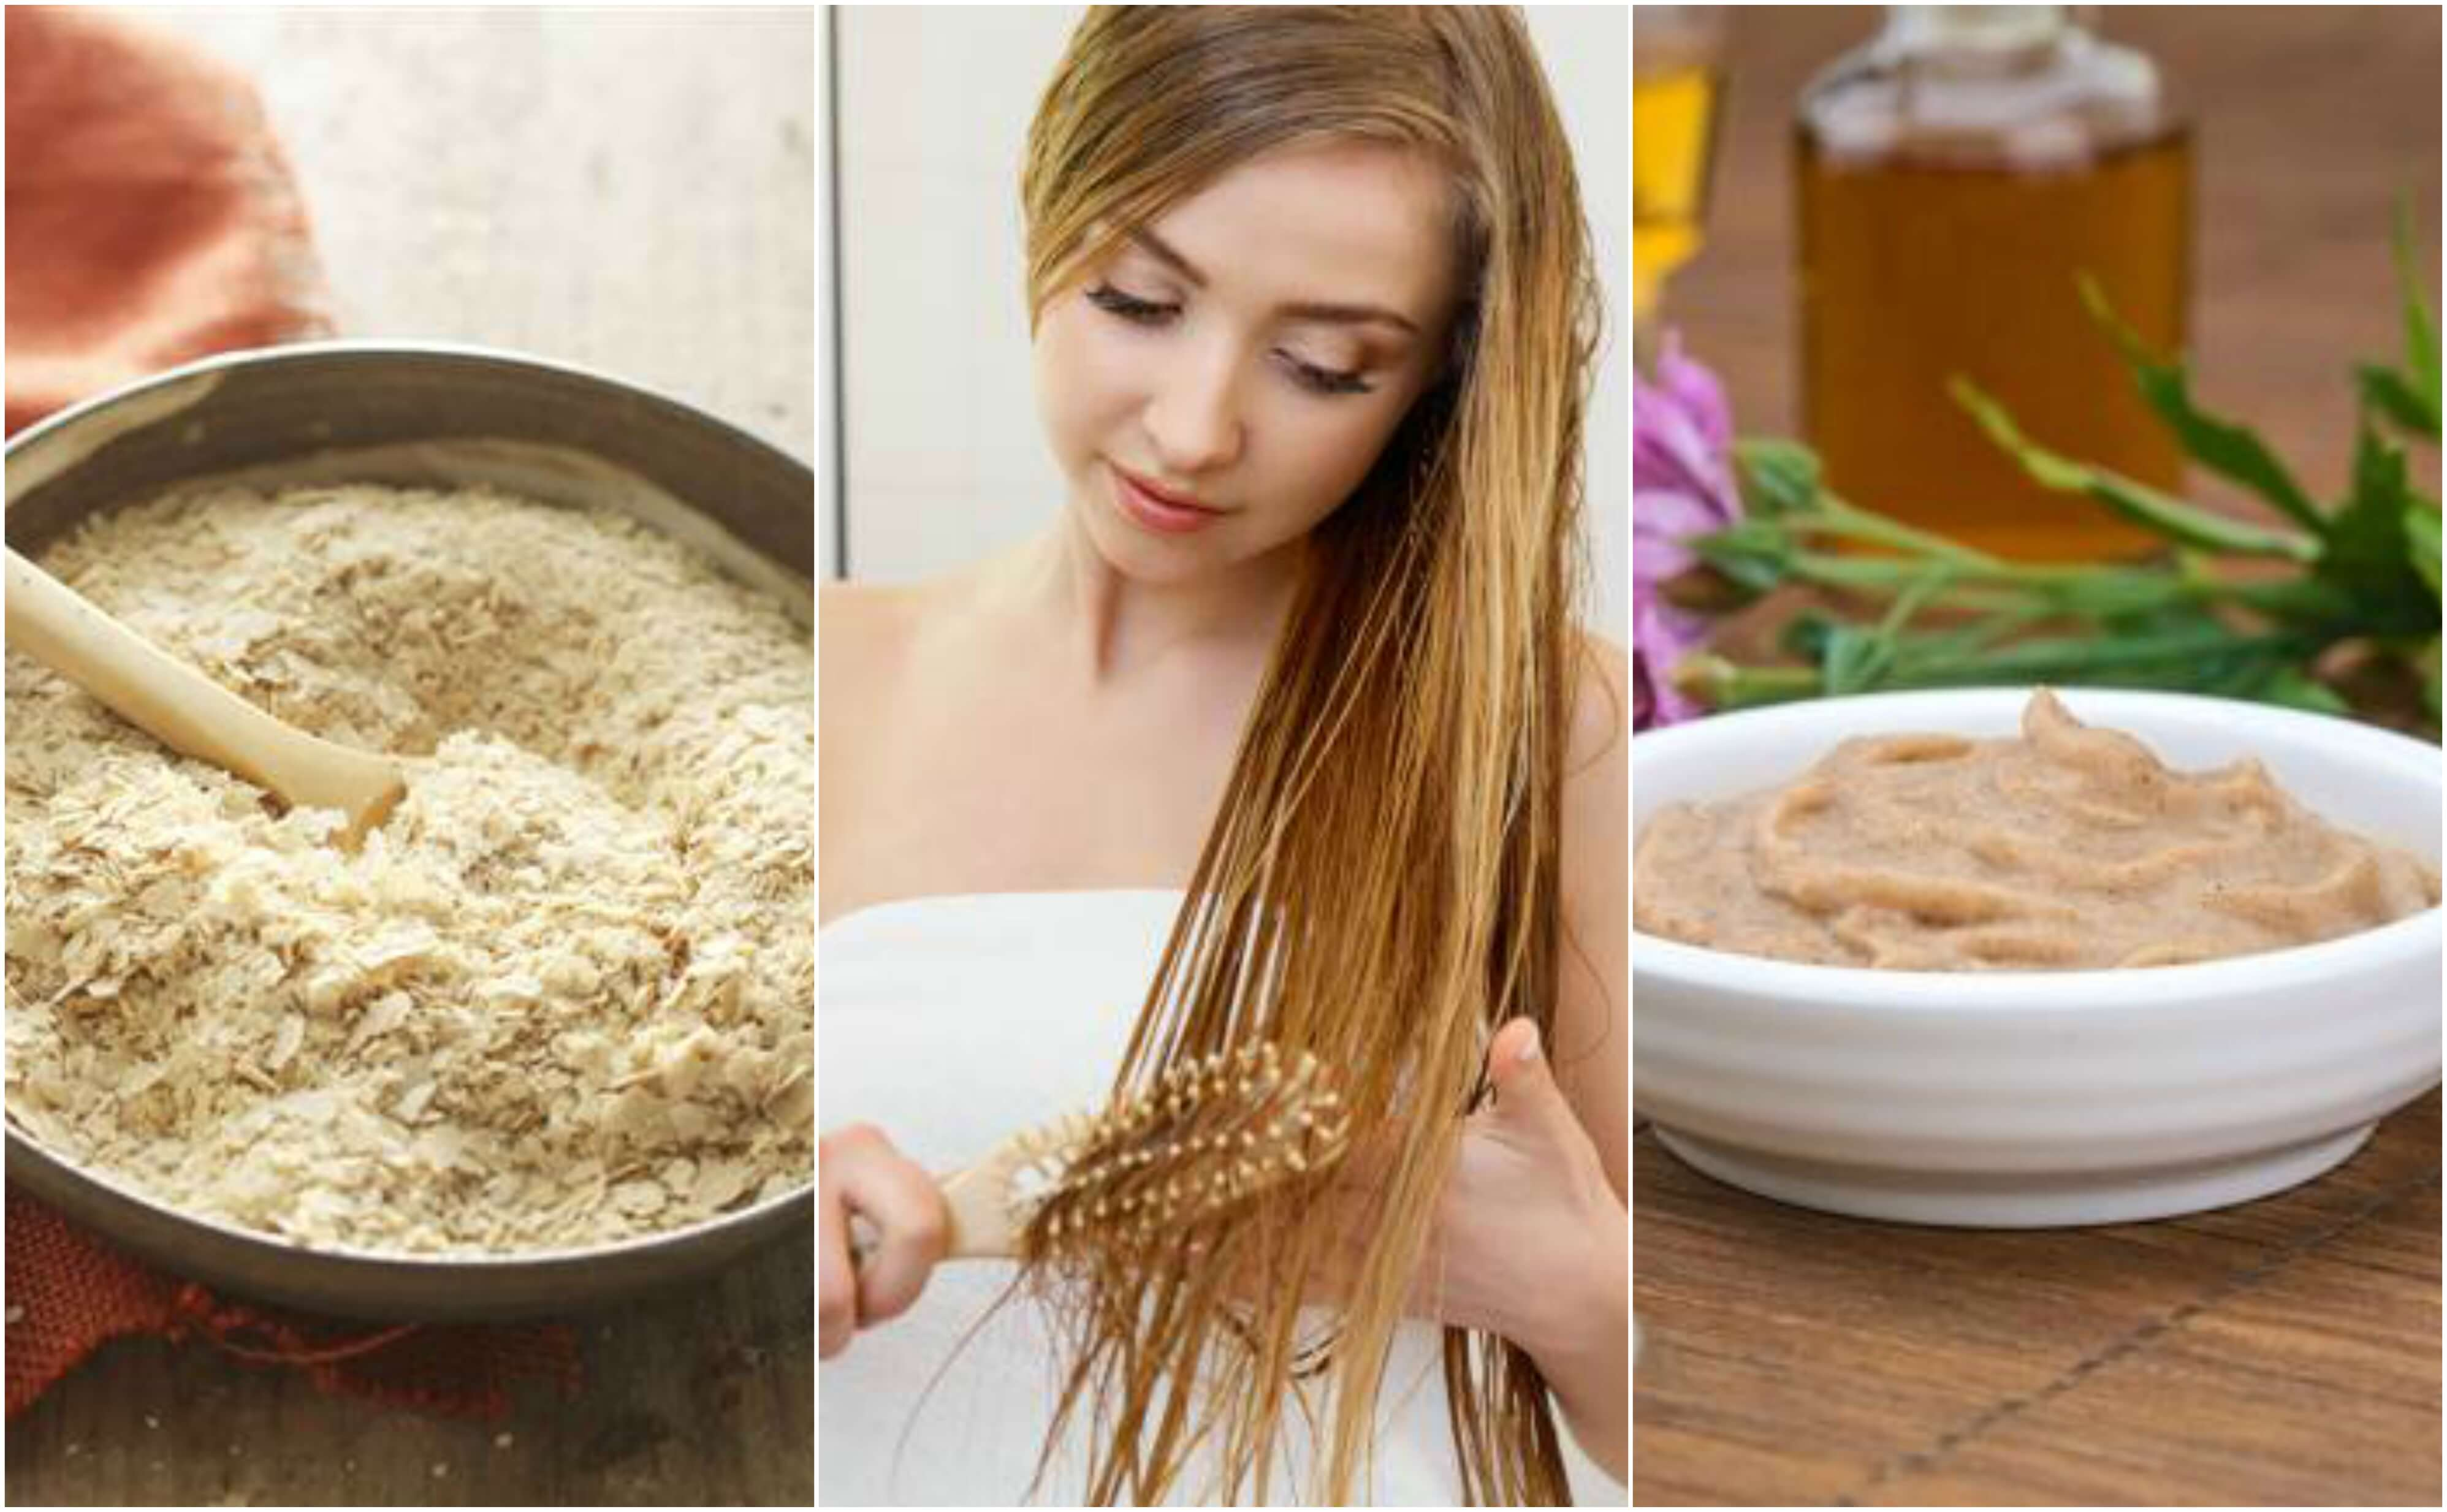 Crescita dei capelli  trattamenti al lievito di birra - Vivere più sani f9a6864b6307